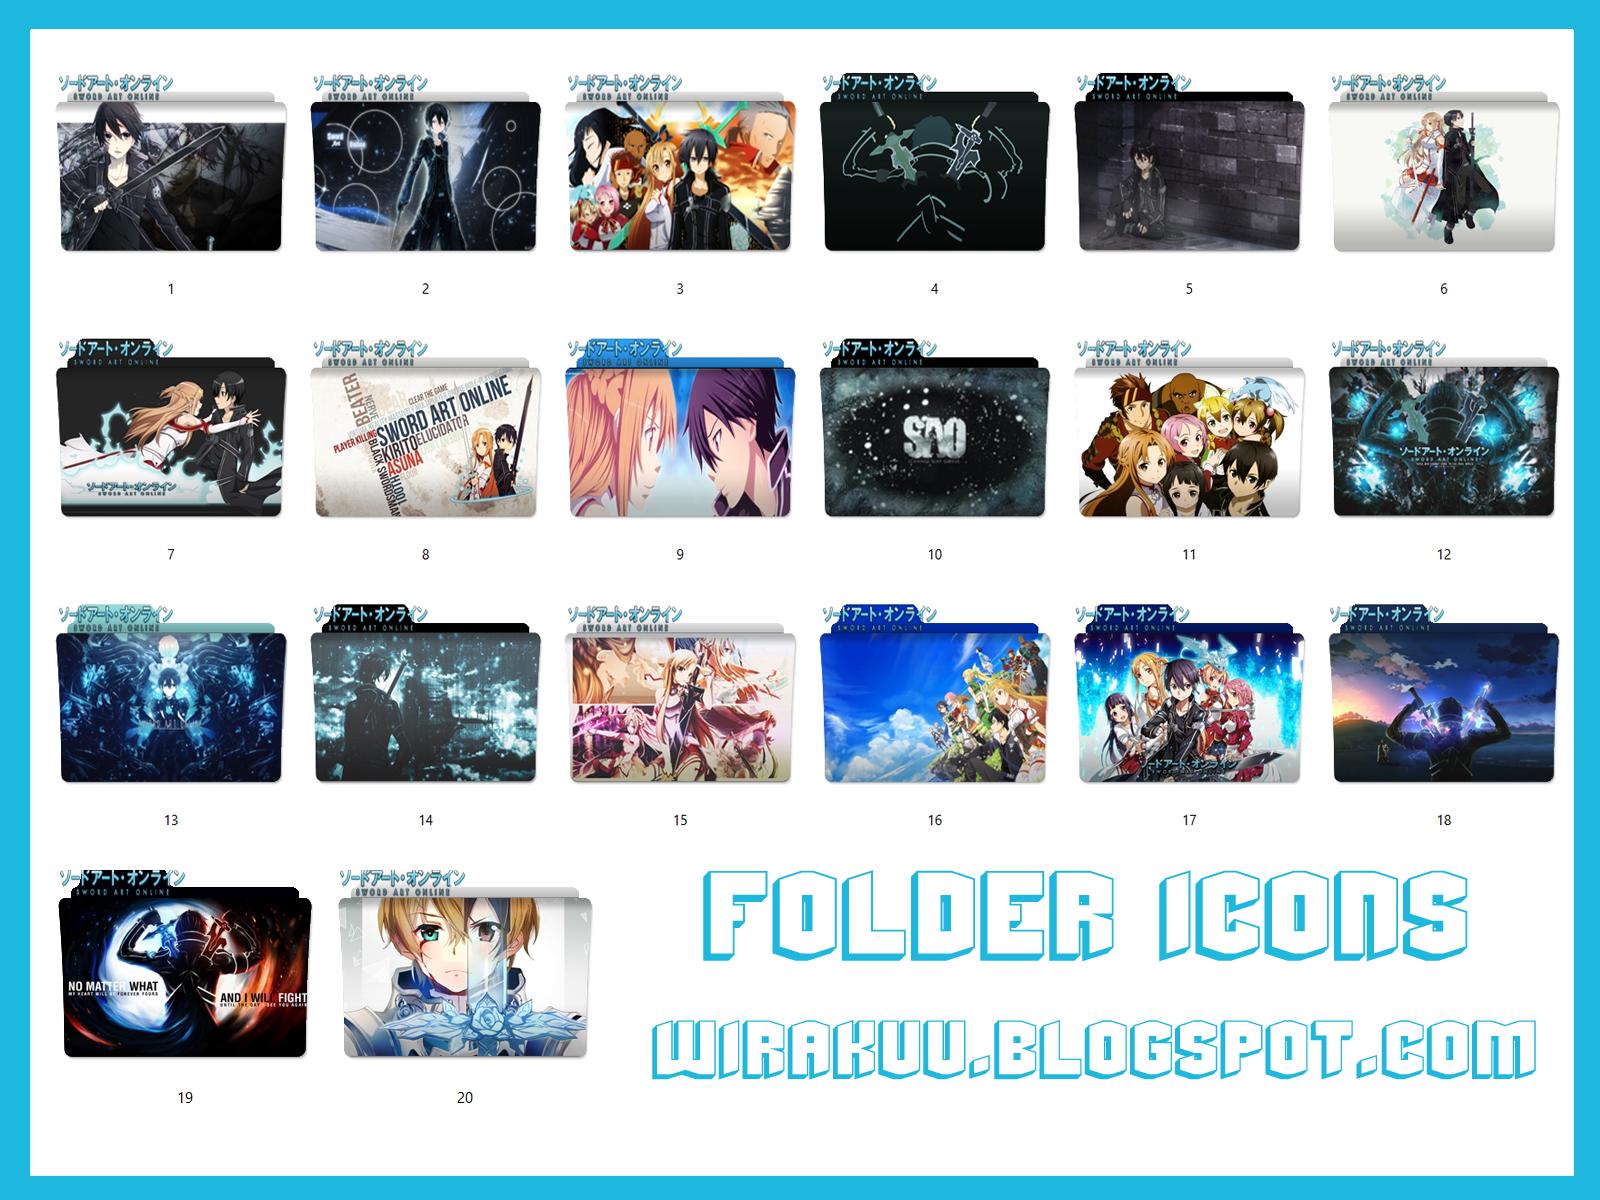 20 Folder Icons Anime Sword Art Online Pack 2 (Windows 7, 8, 10)